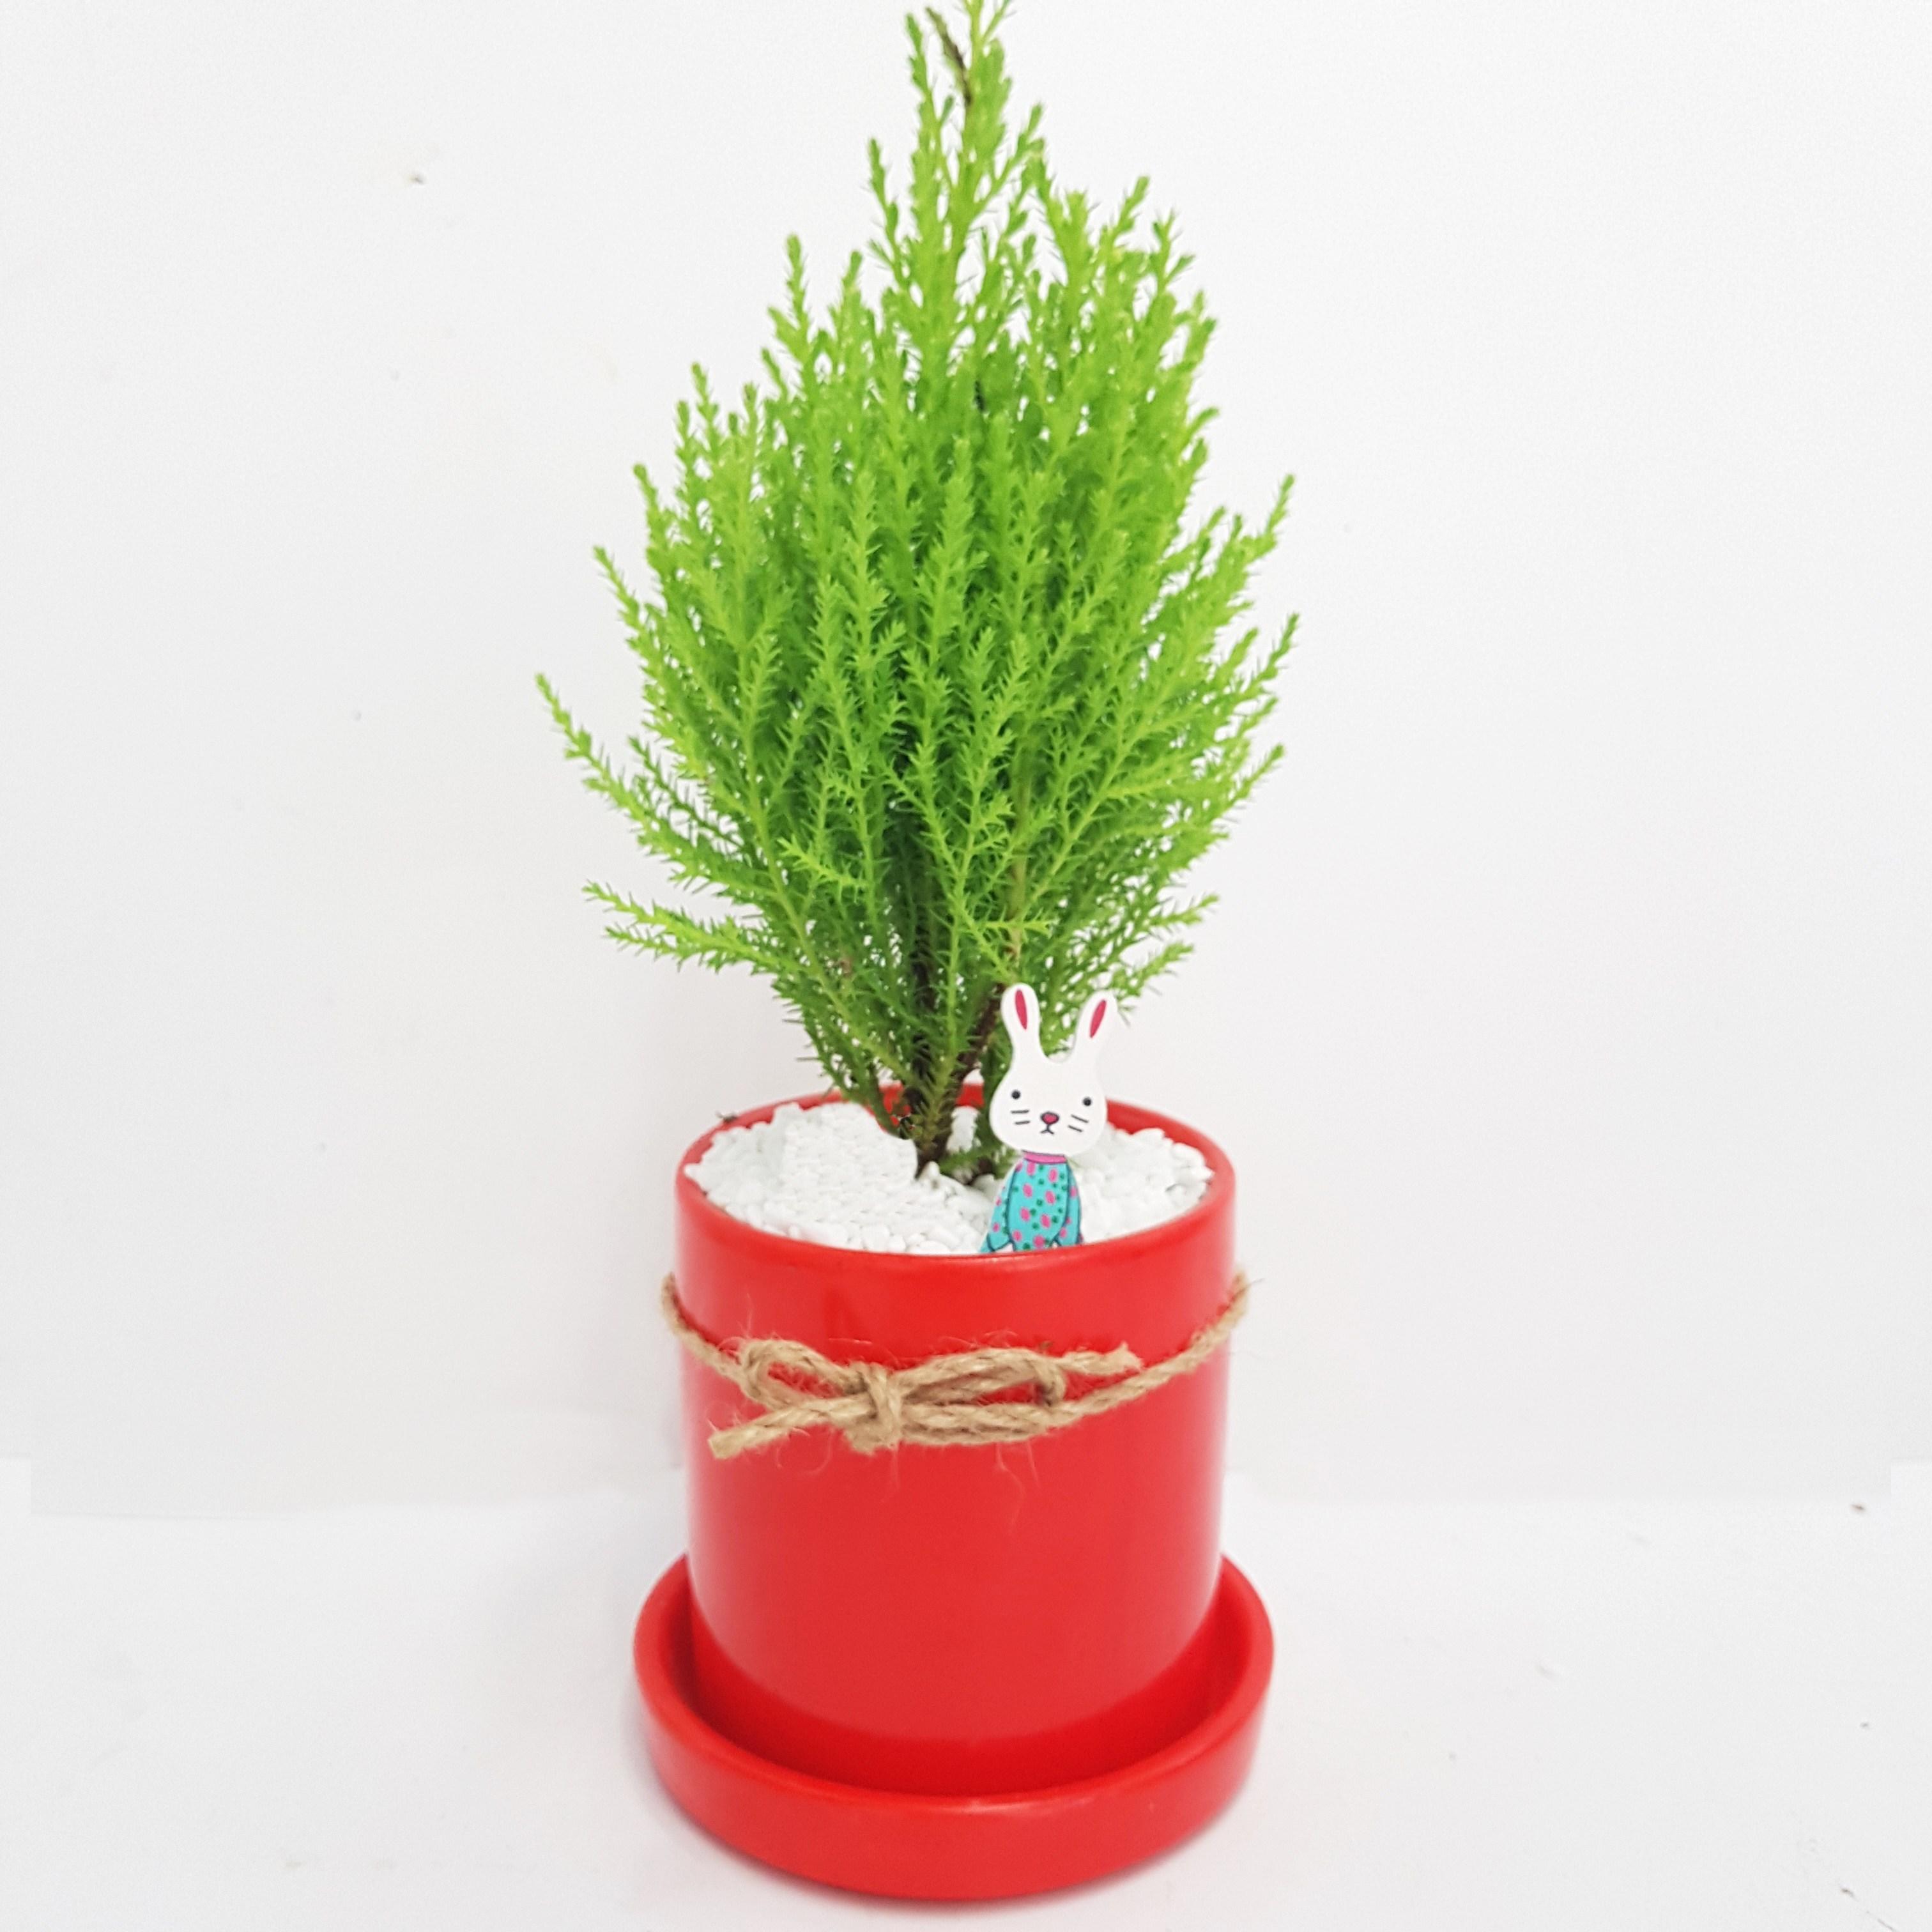 트리앤 공기정화식물 고급원통화분 율마 1개, 01.고급원통화분 율마 빨강 1개